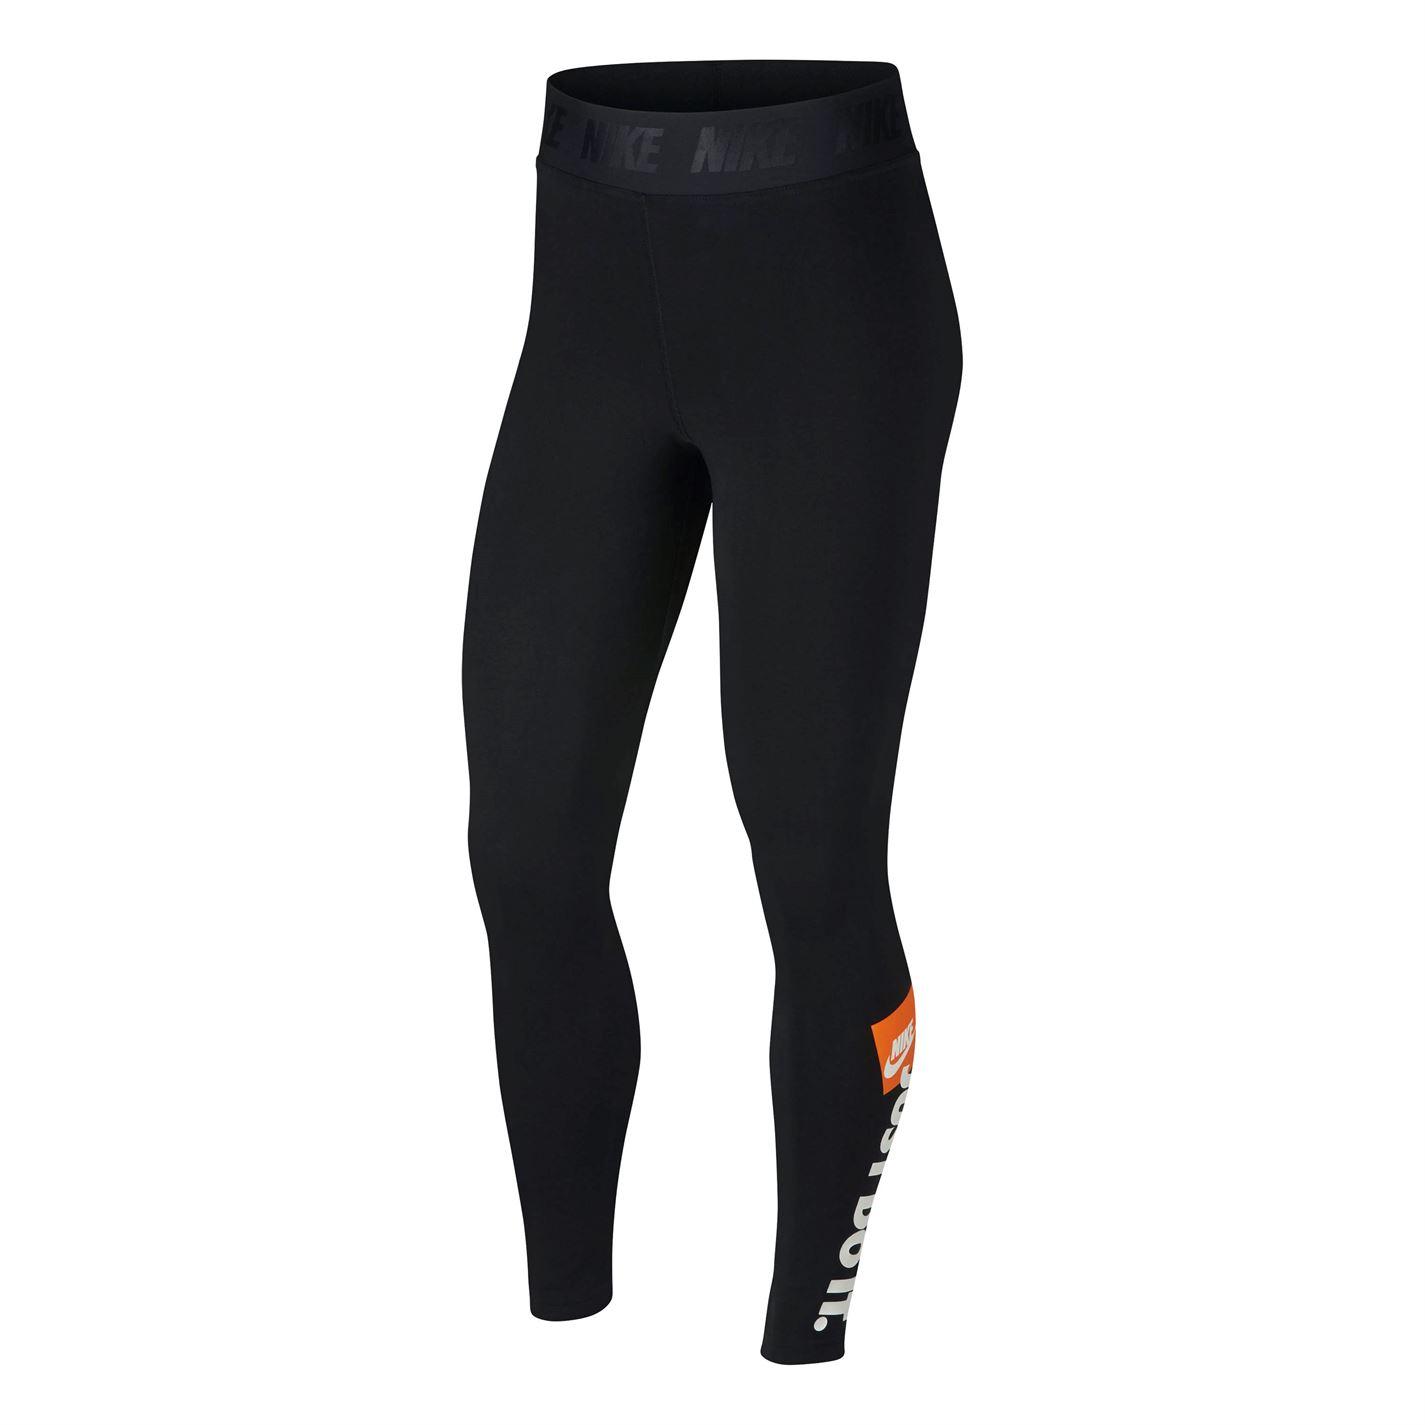 Nike Just Do It Leggings Ladies